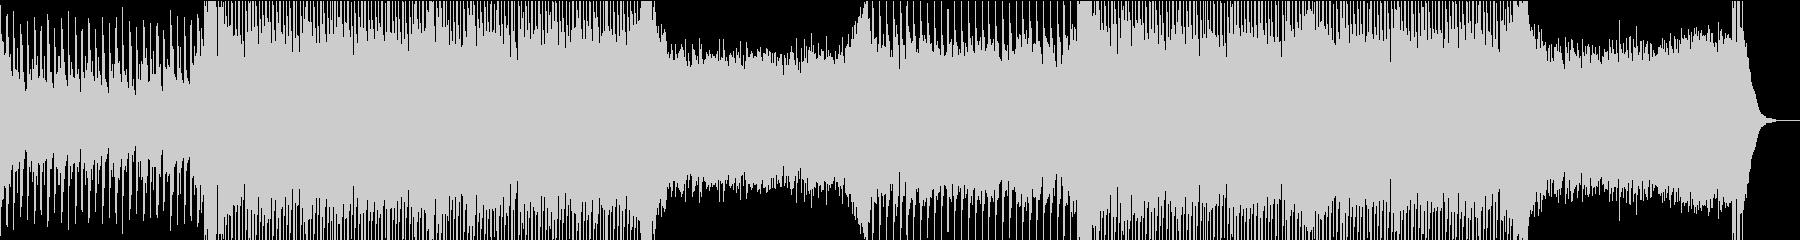 アジアン/EDM/明るいPOPの未再生の波形